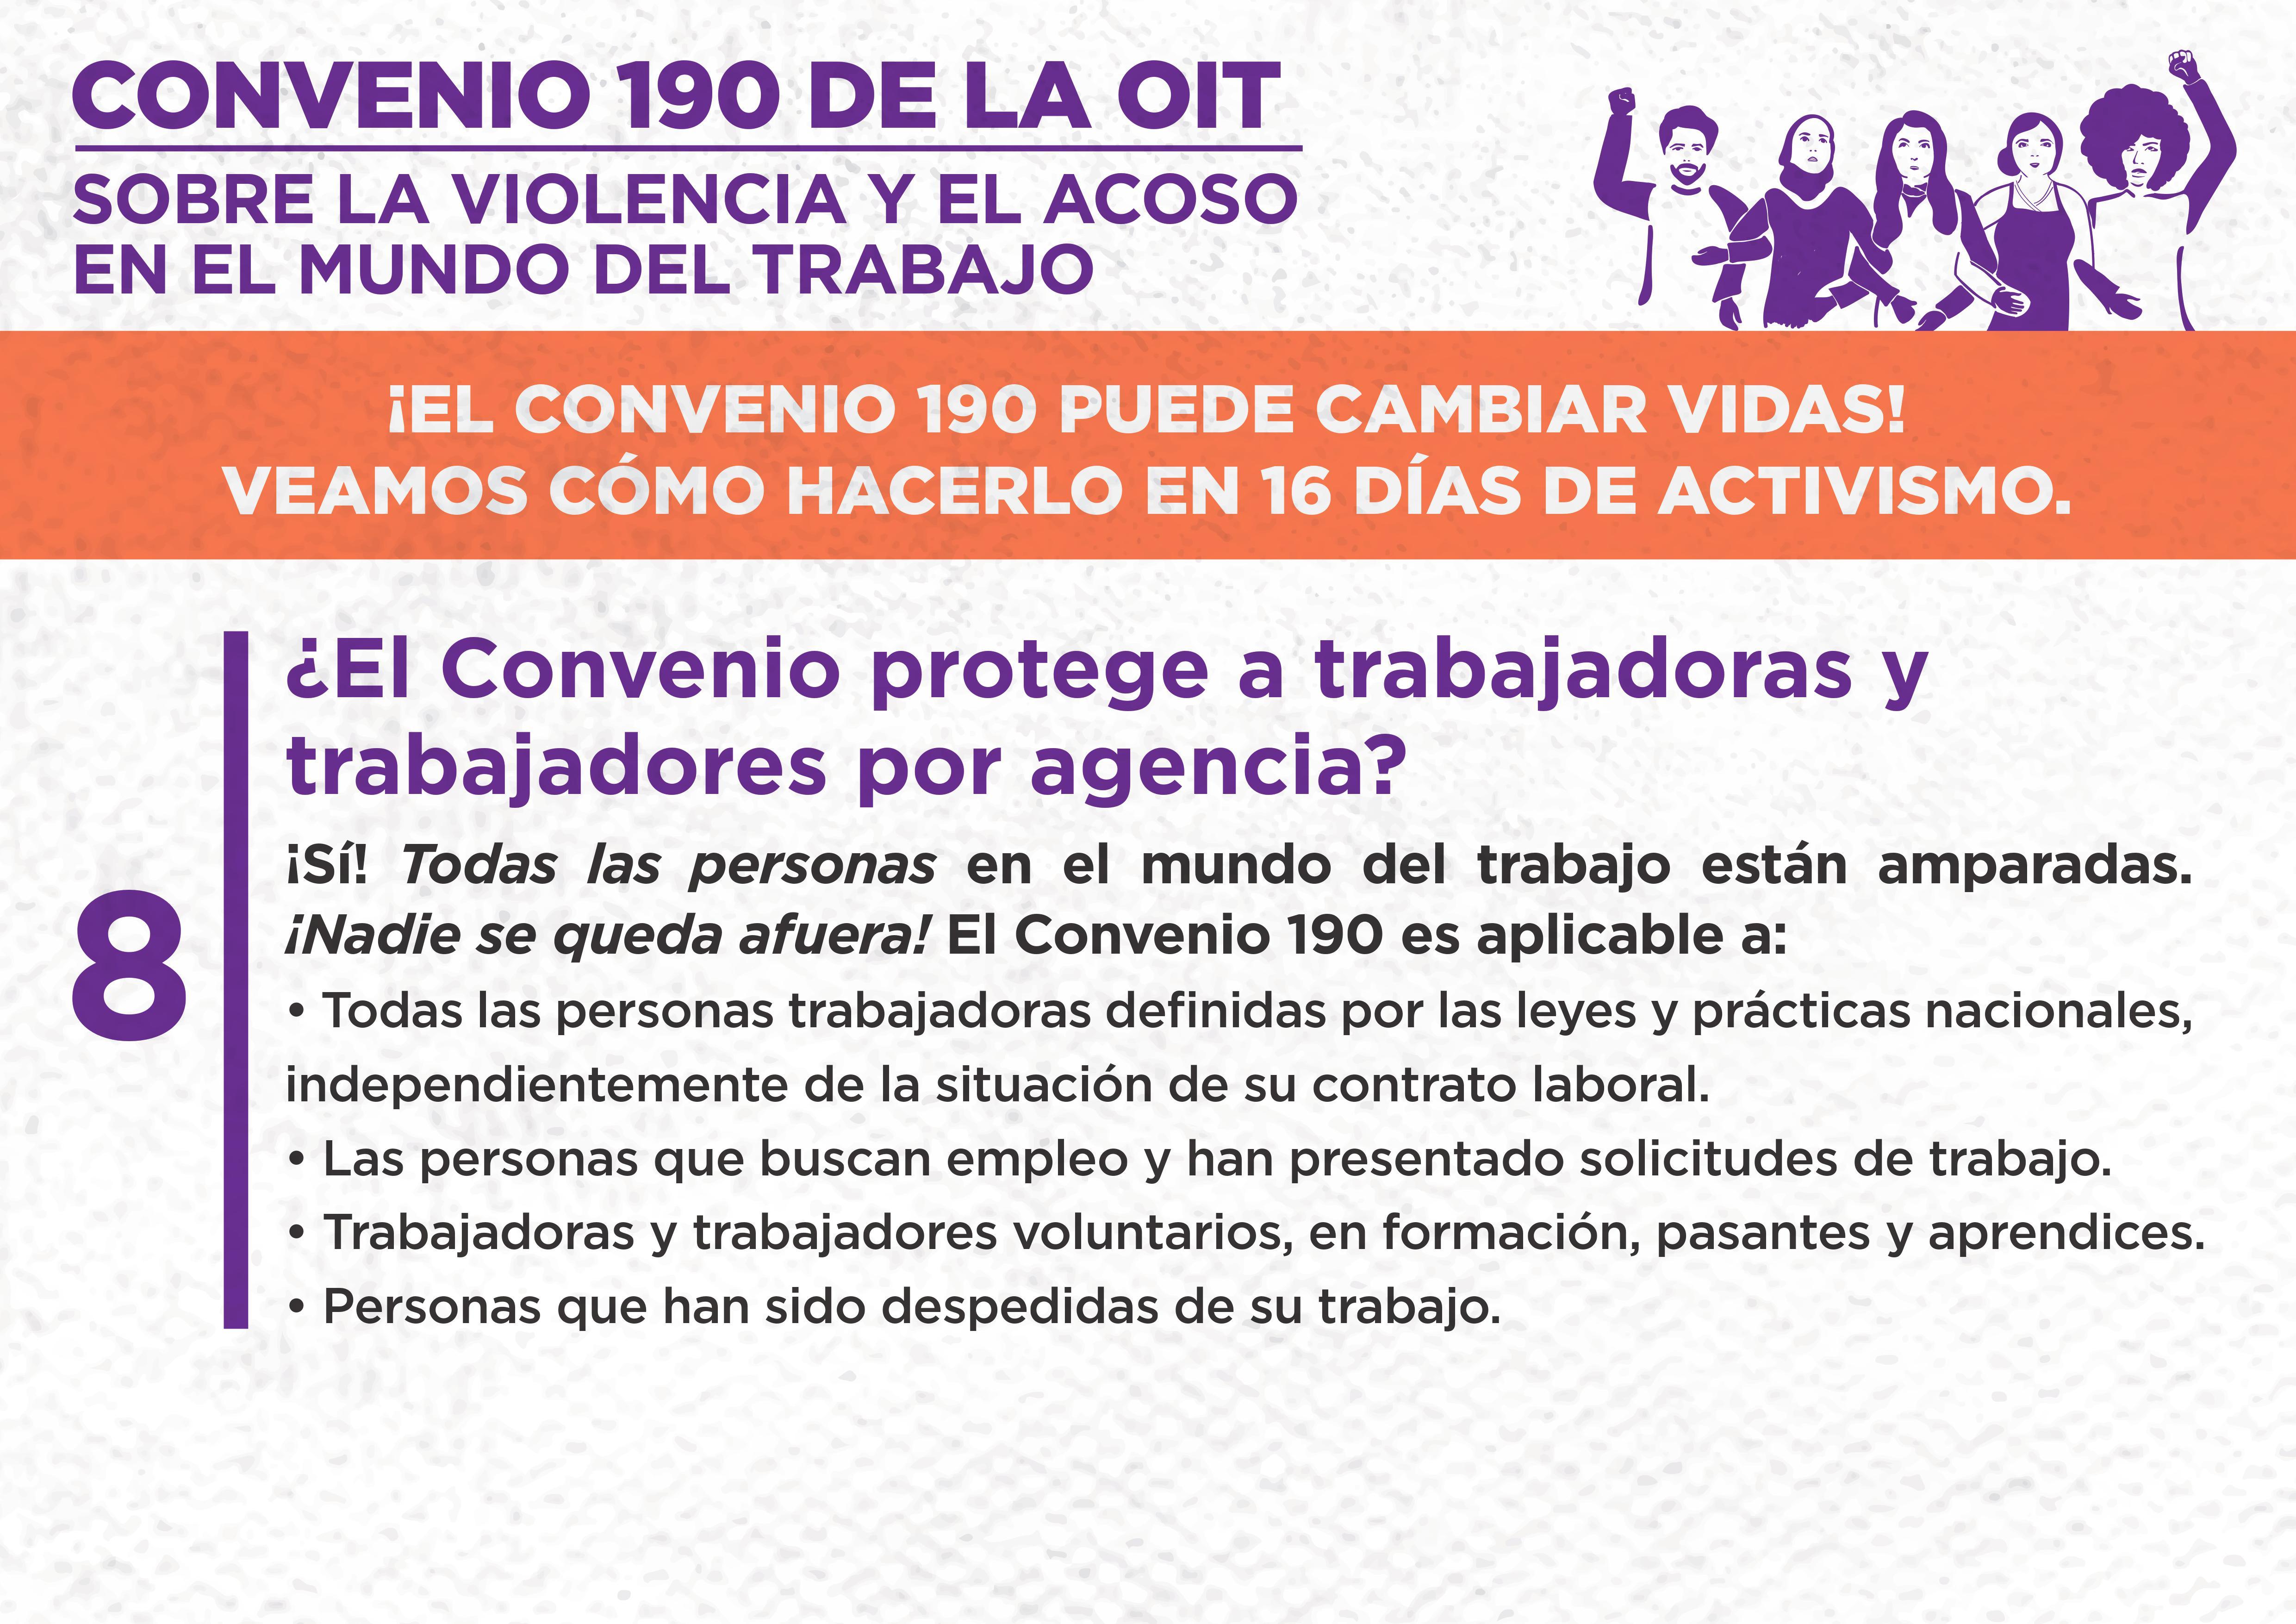 8. ¿El Convenio protege a trabajadoras y trabajadores por agencia?